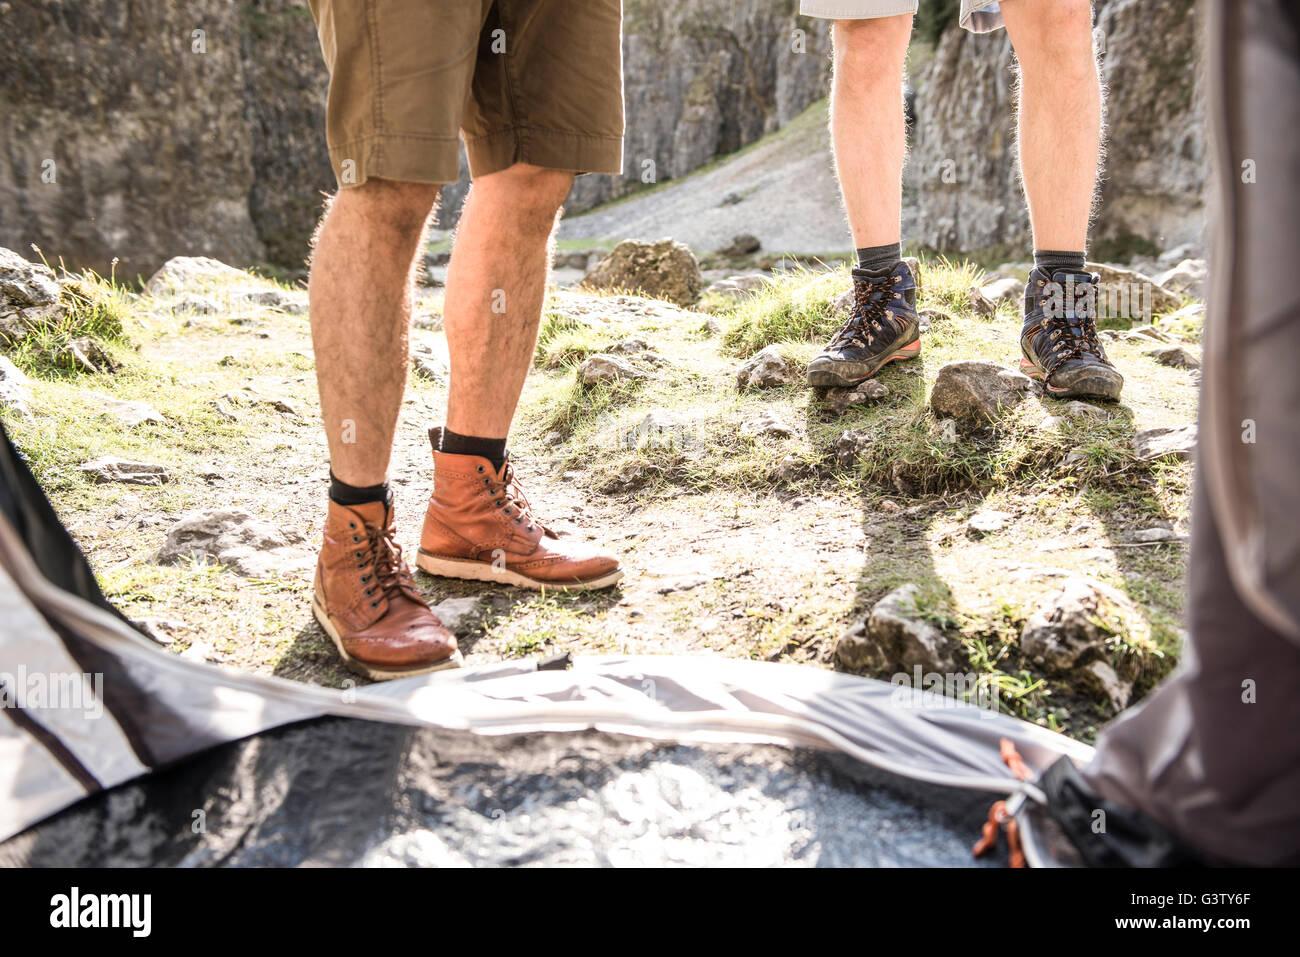 Die Beine der beiden Männer in ihrem Zelt in unwegsamem Gelände aus betrachtet. Stockbild